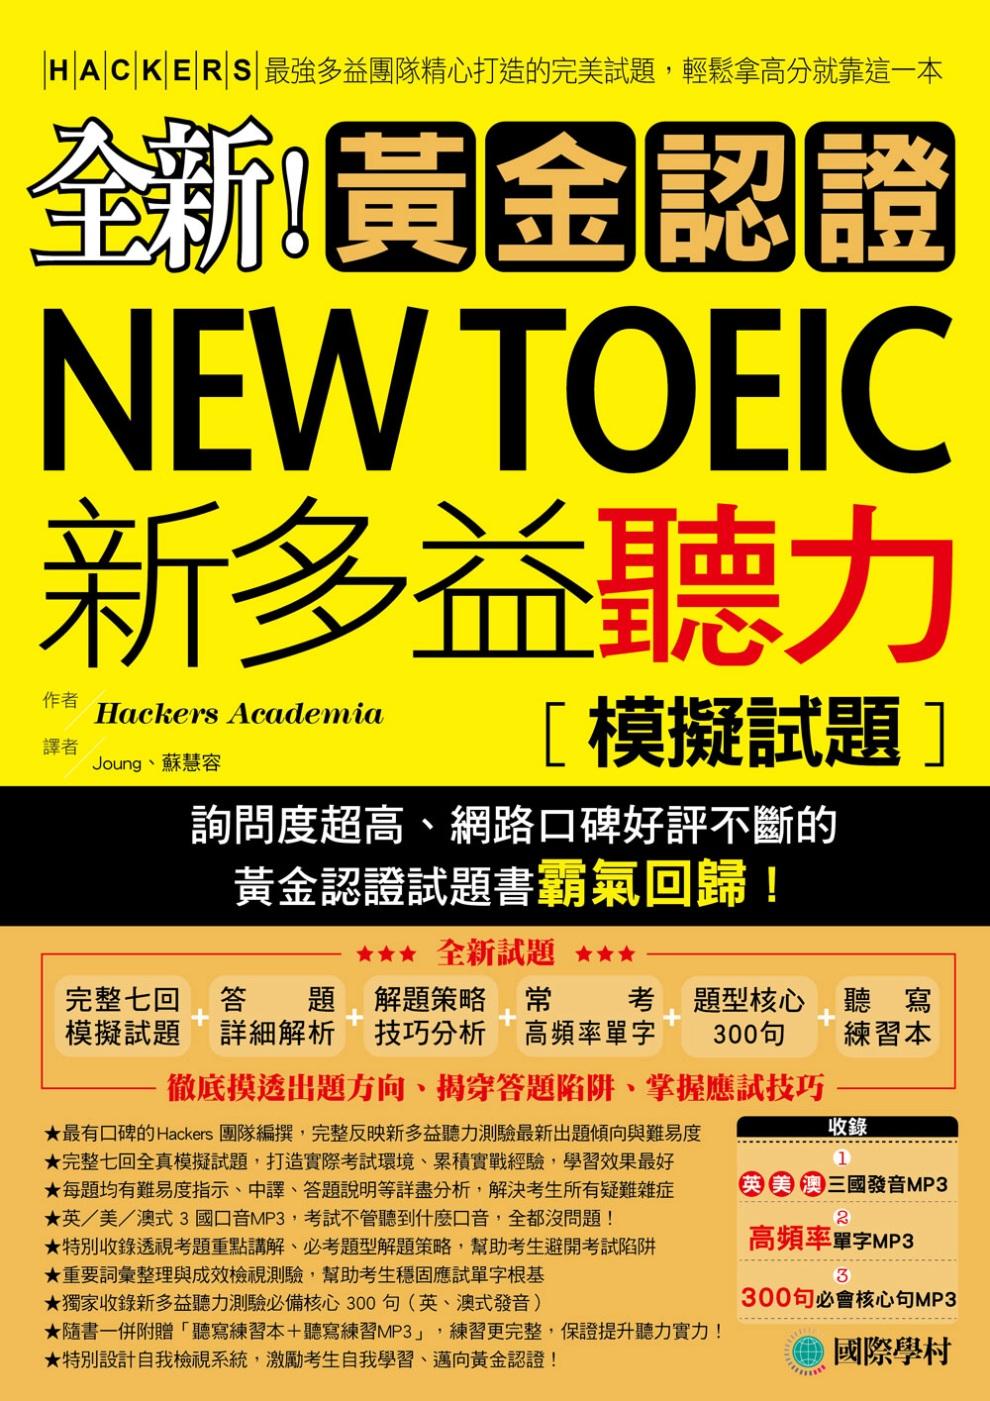 全新!黃金認證NEW TOEIC新多益聽力模擬試題:最強多益團隊精心打造的完美試題,輕鬆拿高分就靠這一本(雙書裝+2MP3)